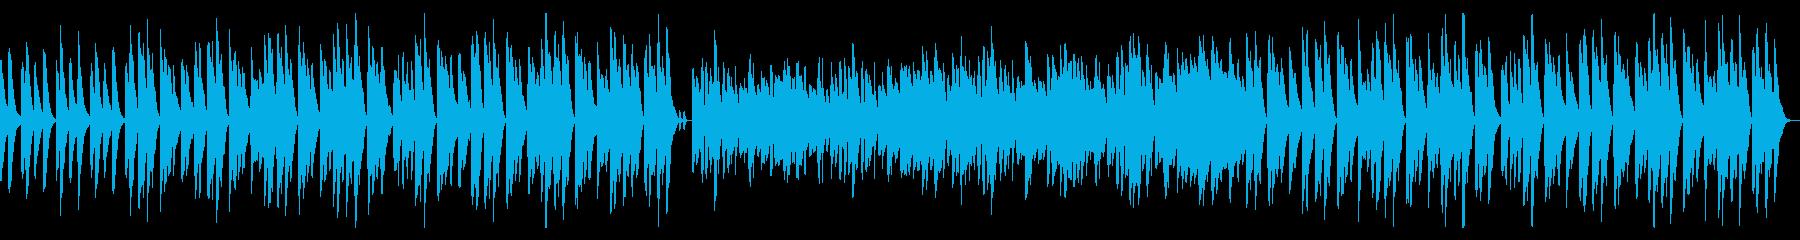 【ループ】ほのぼのかわいい、やさしい木琴の再生済みの波形